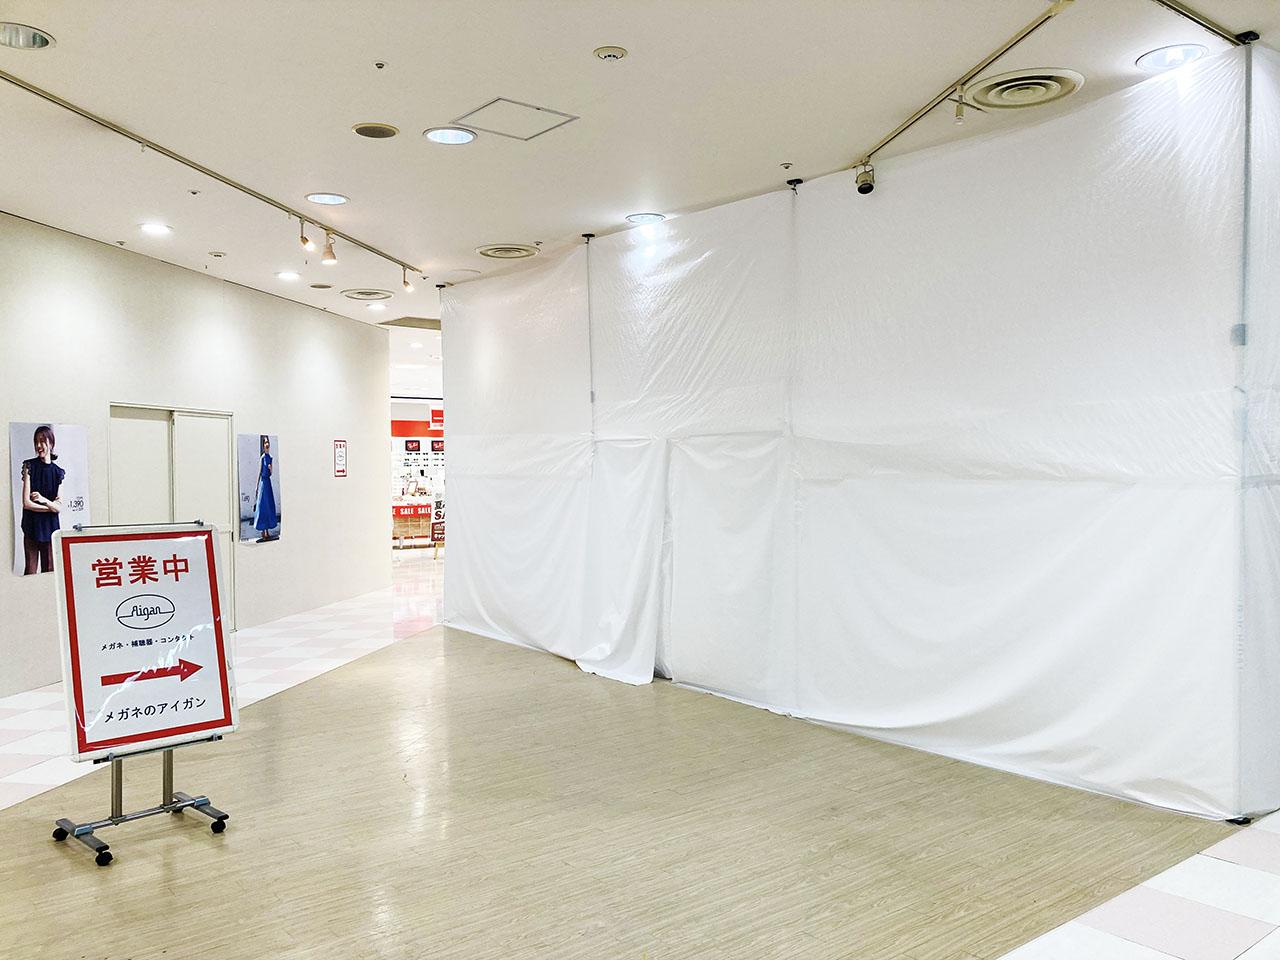 聖蹟桜ヶ丘OPA2階GU跡地に大人のためのレディースファッション『COCA』がオープンするそうです♪